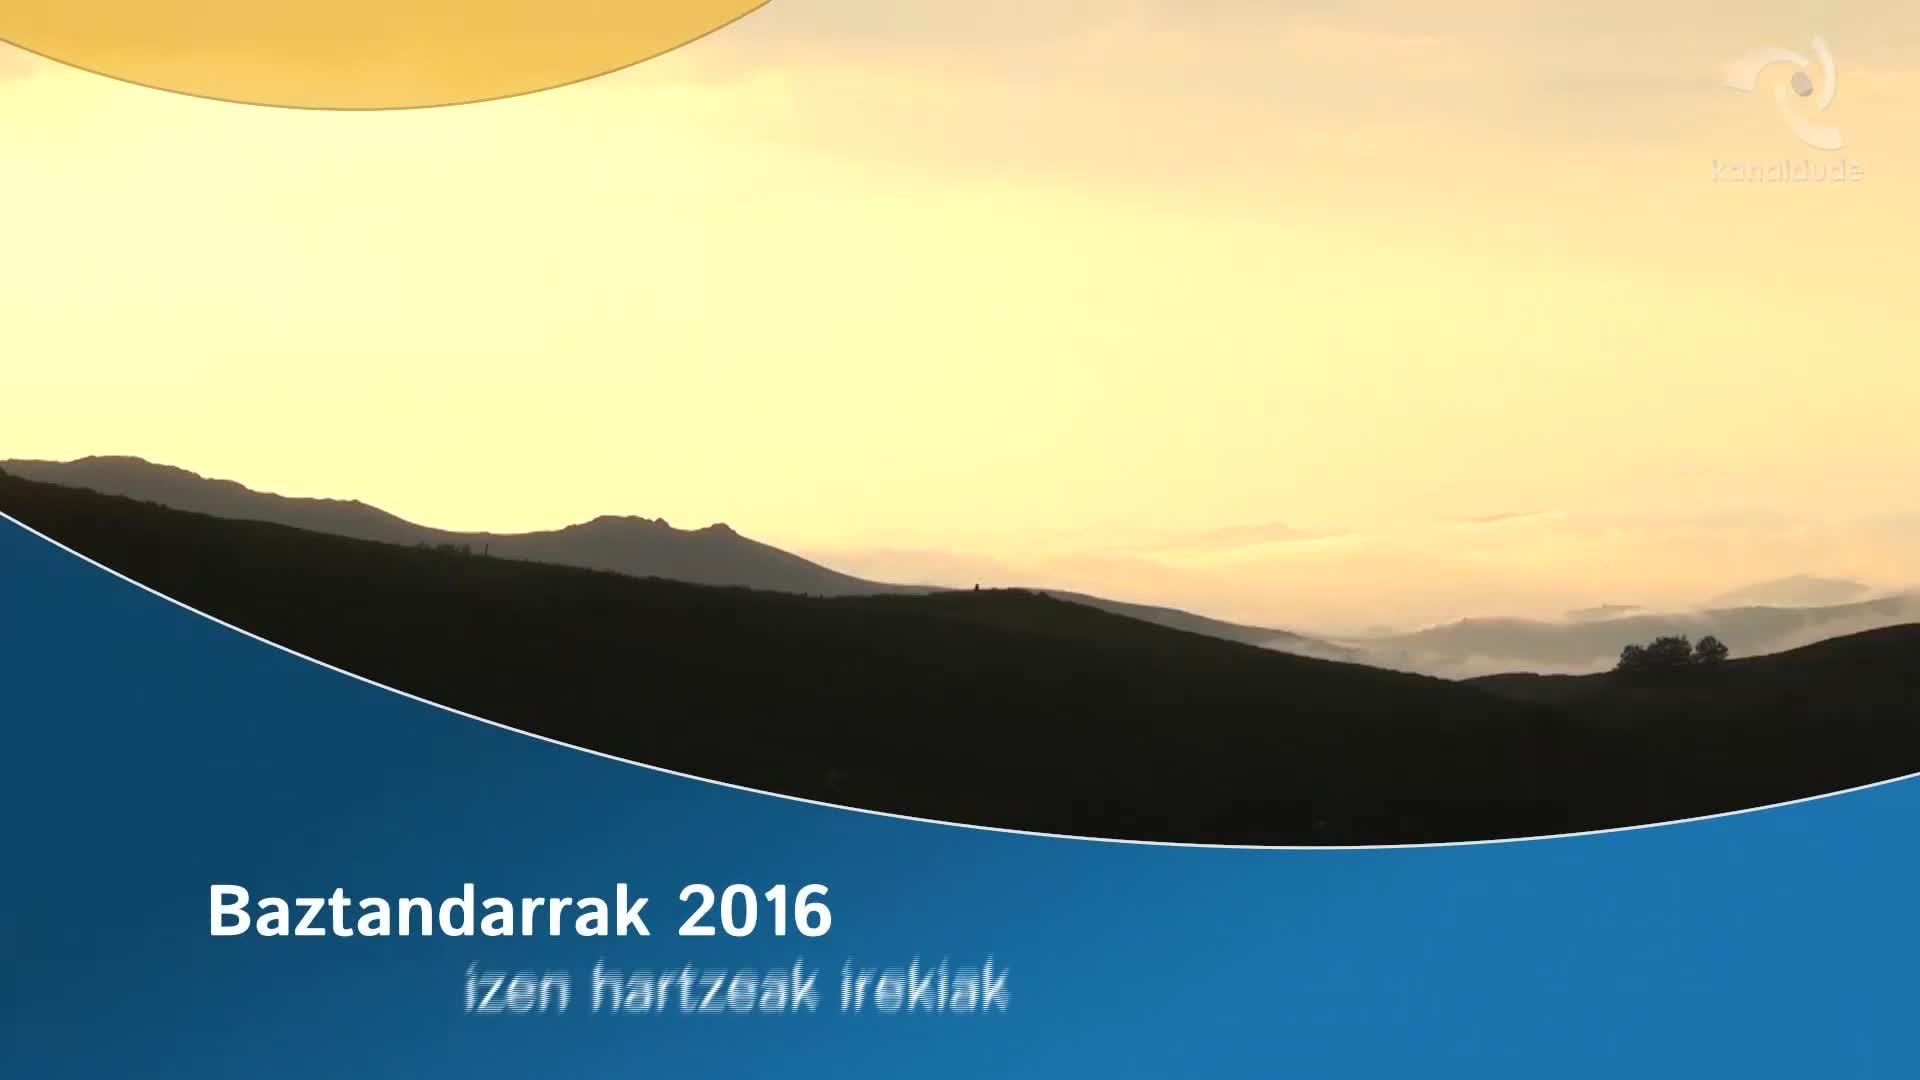 Baztandarrak 2016: izen hartzeak irekiak